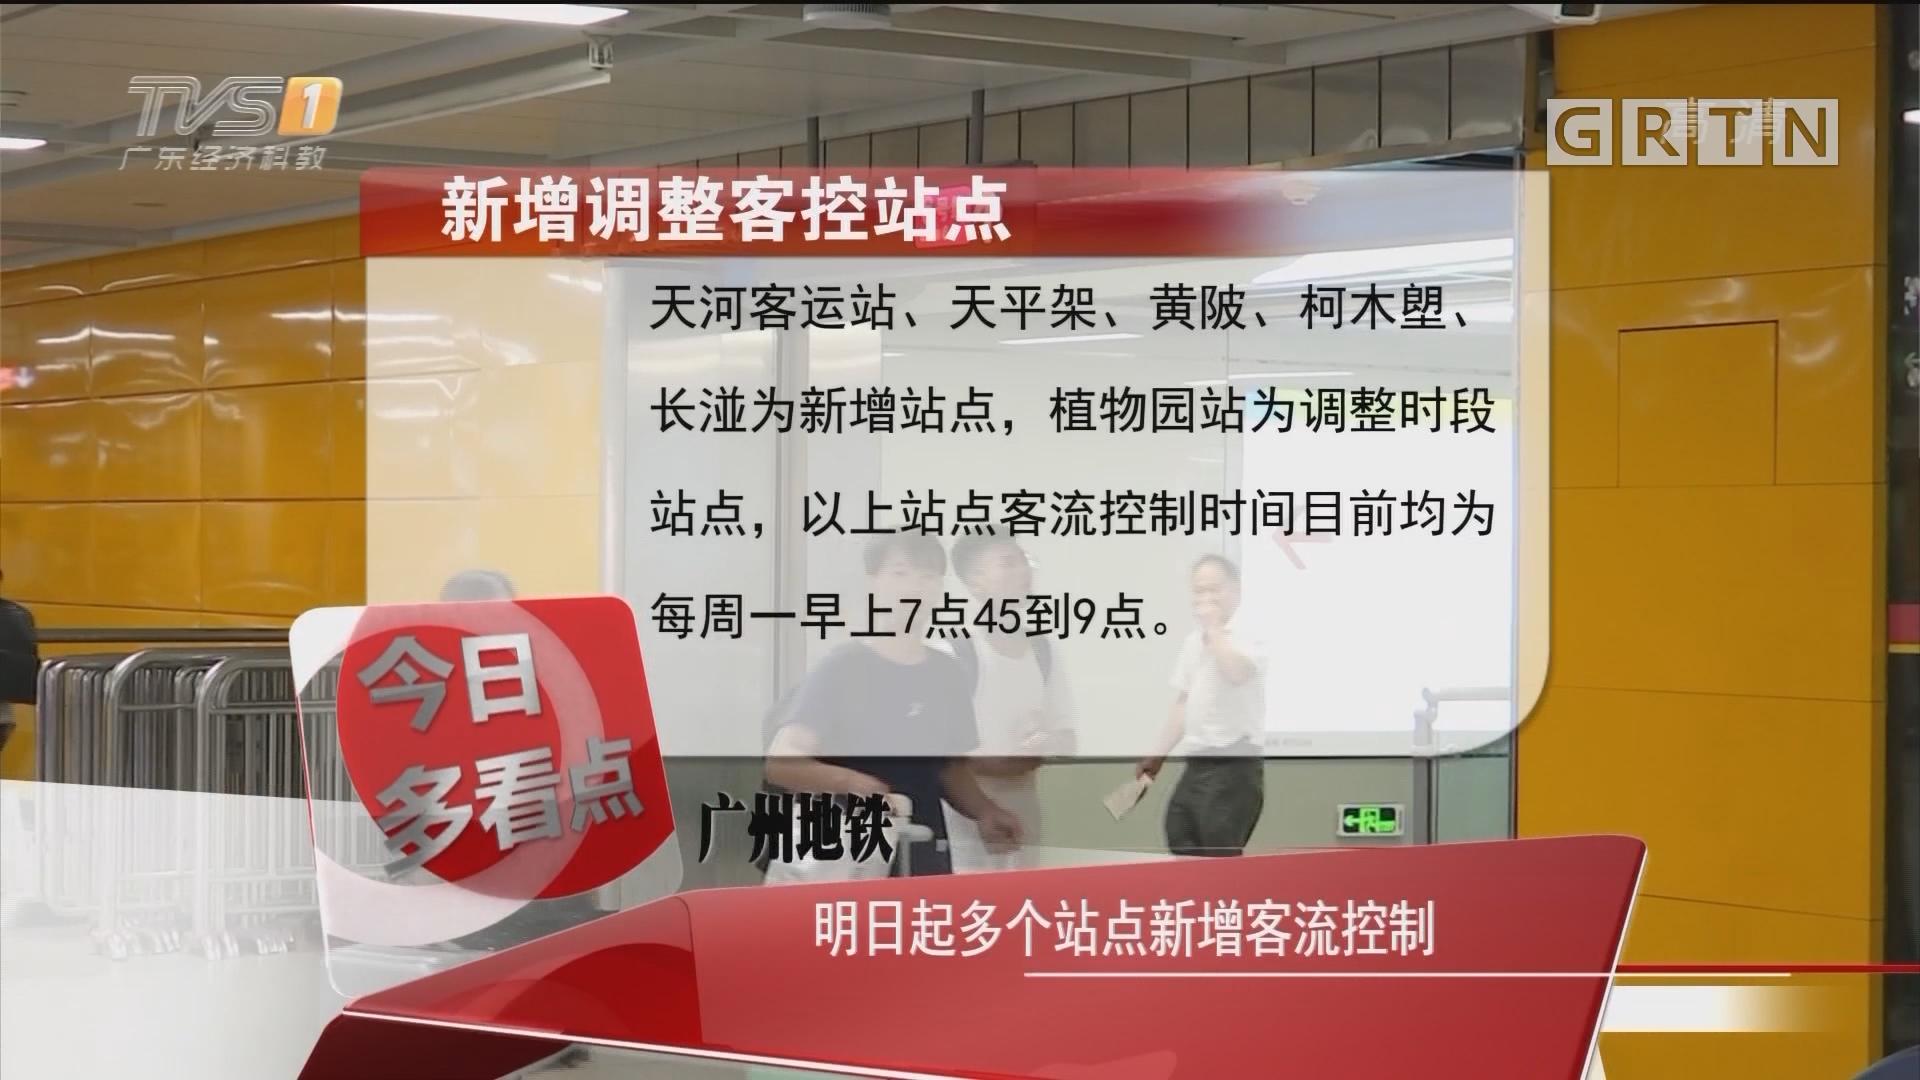 广州地铁:明日起多个站点新增客流控制